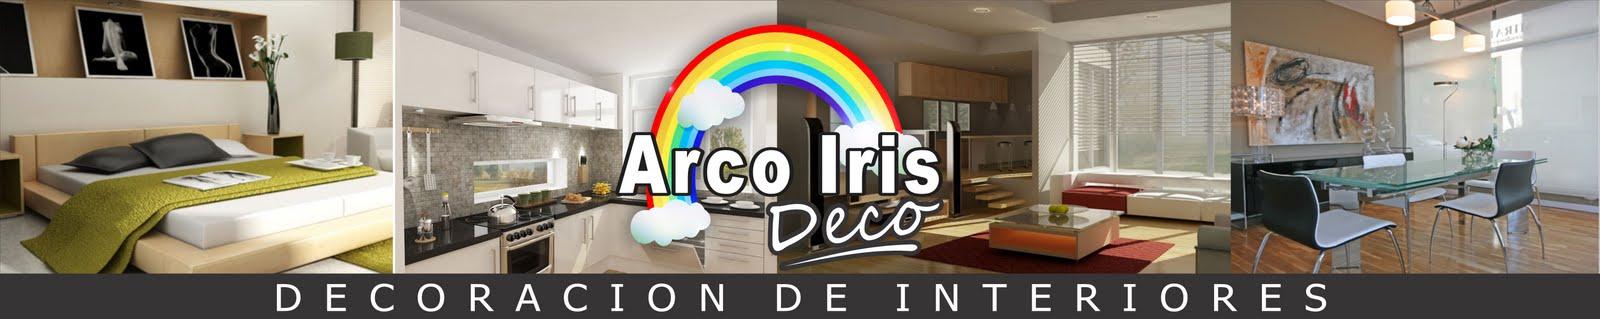 Arco Iris Deco